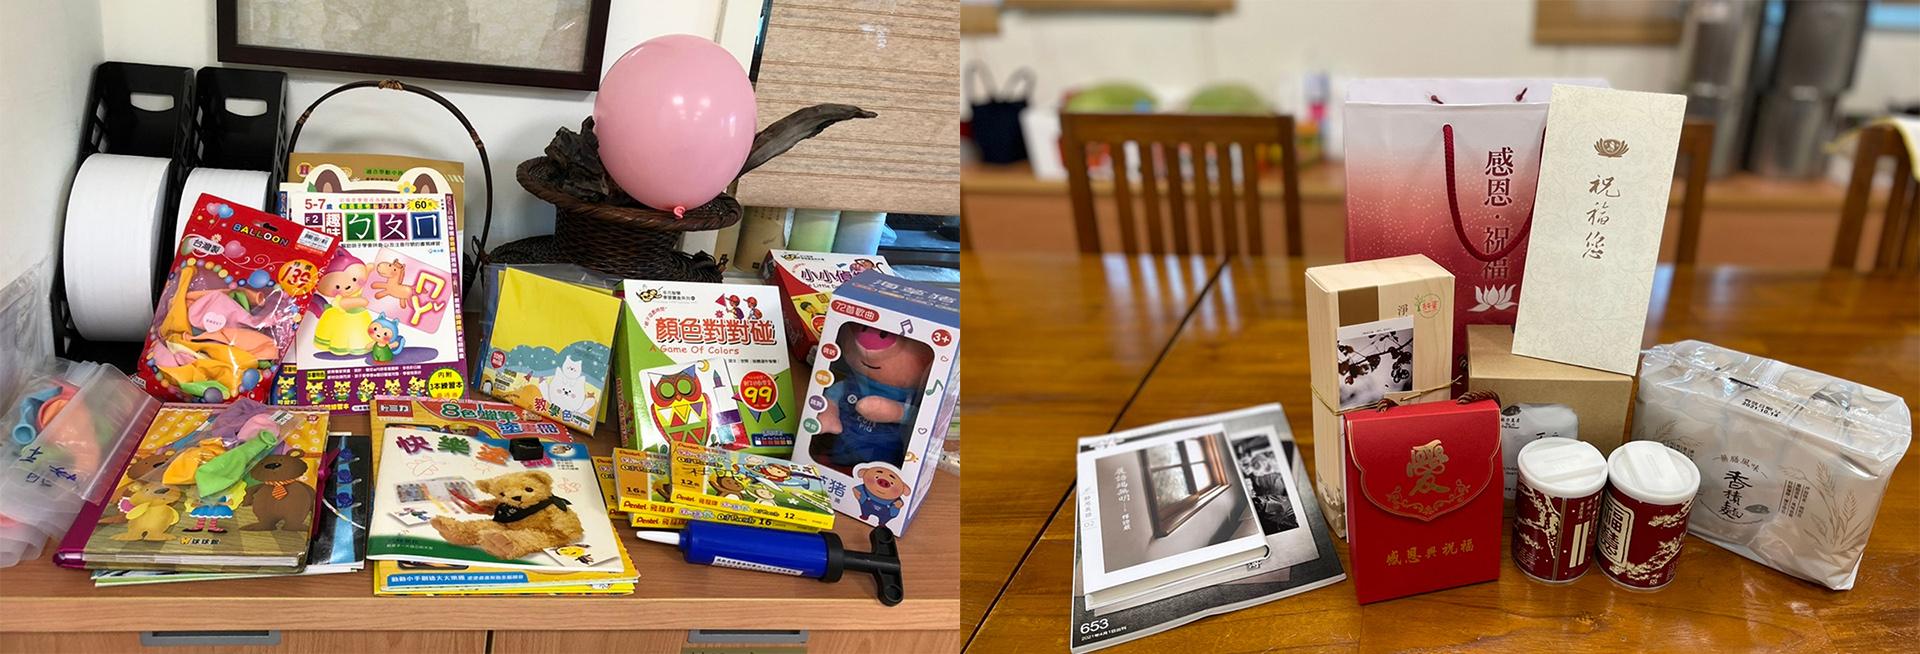 (左圖)小朋友入院後,社會服務室為他們四處張羅童書與玩具,讓他們安心在病房不吵鬧。(右圖)「安心防疫包」內有證嚴法師信函。